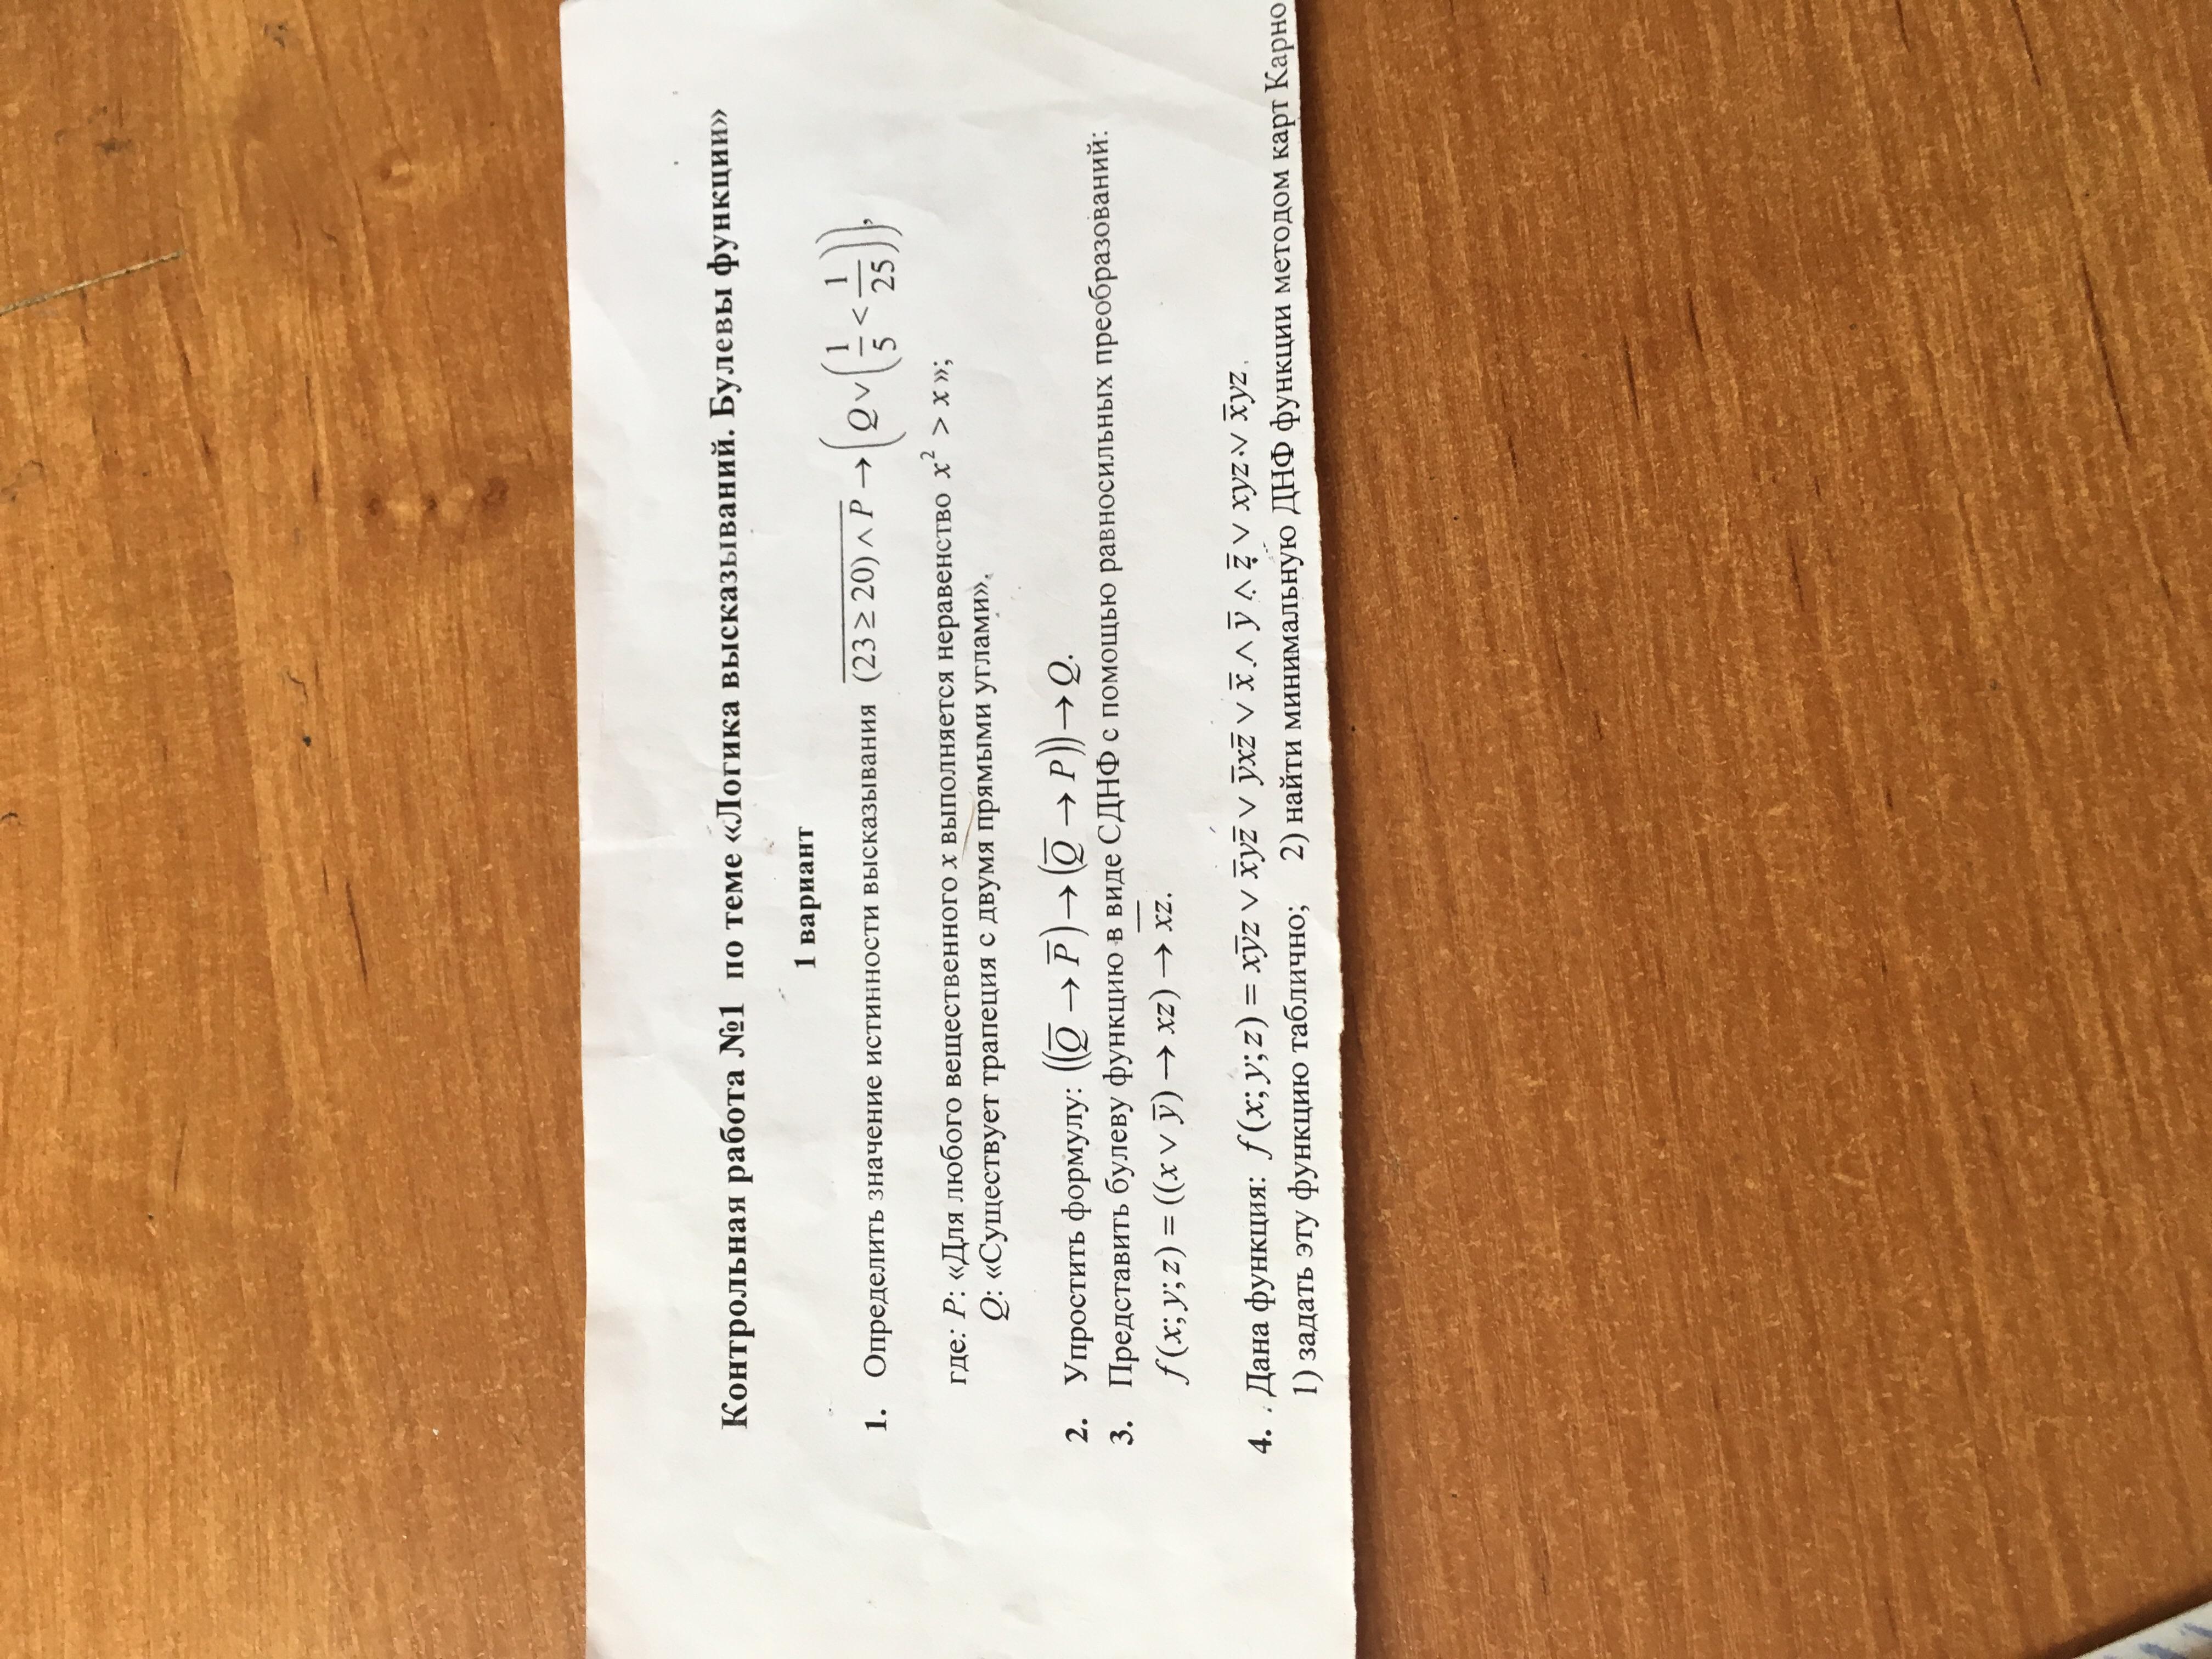 Помогите пожалуйста, это дискретная математику